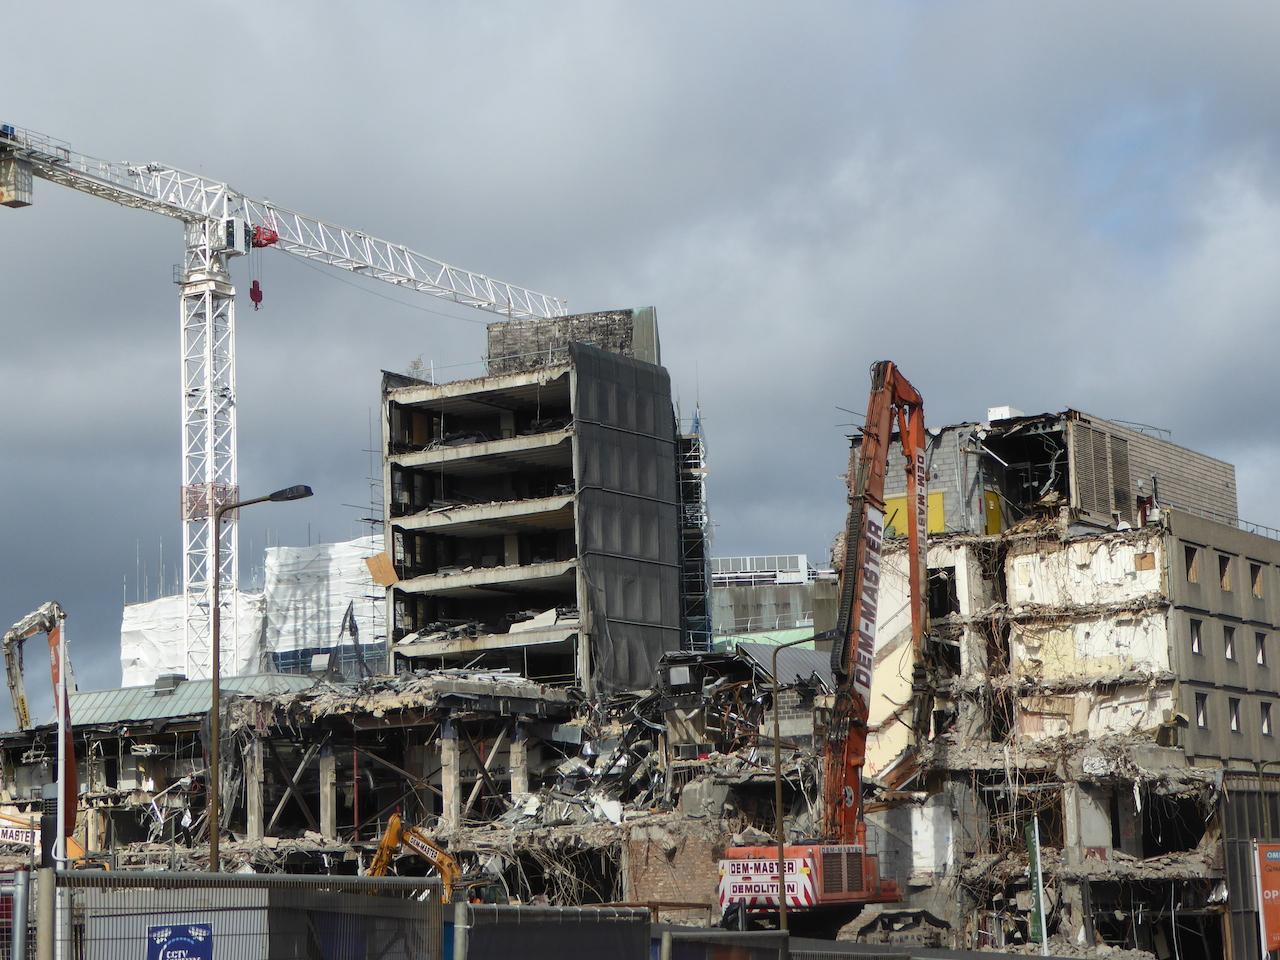 Demolishing St James Square – dramatic image of destruction